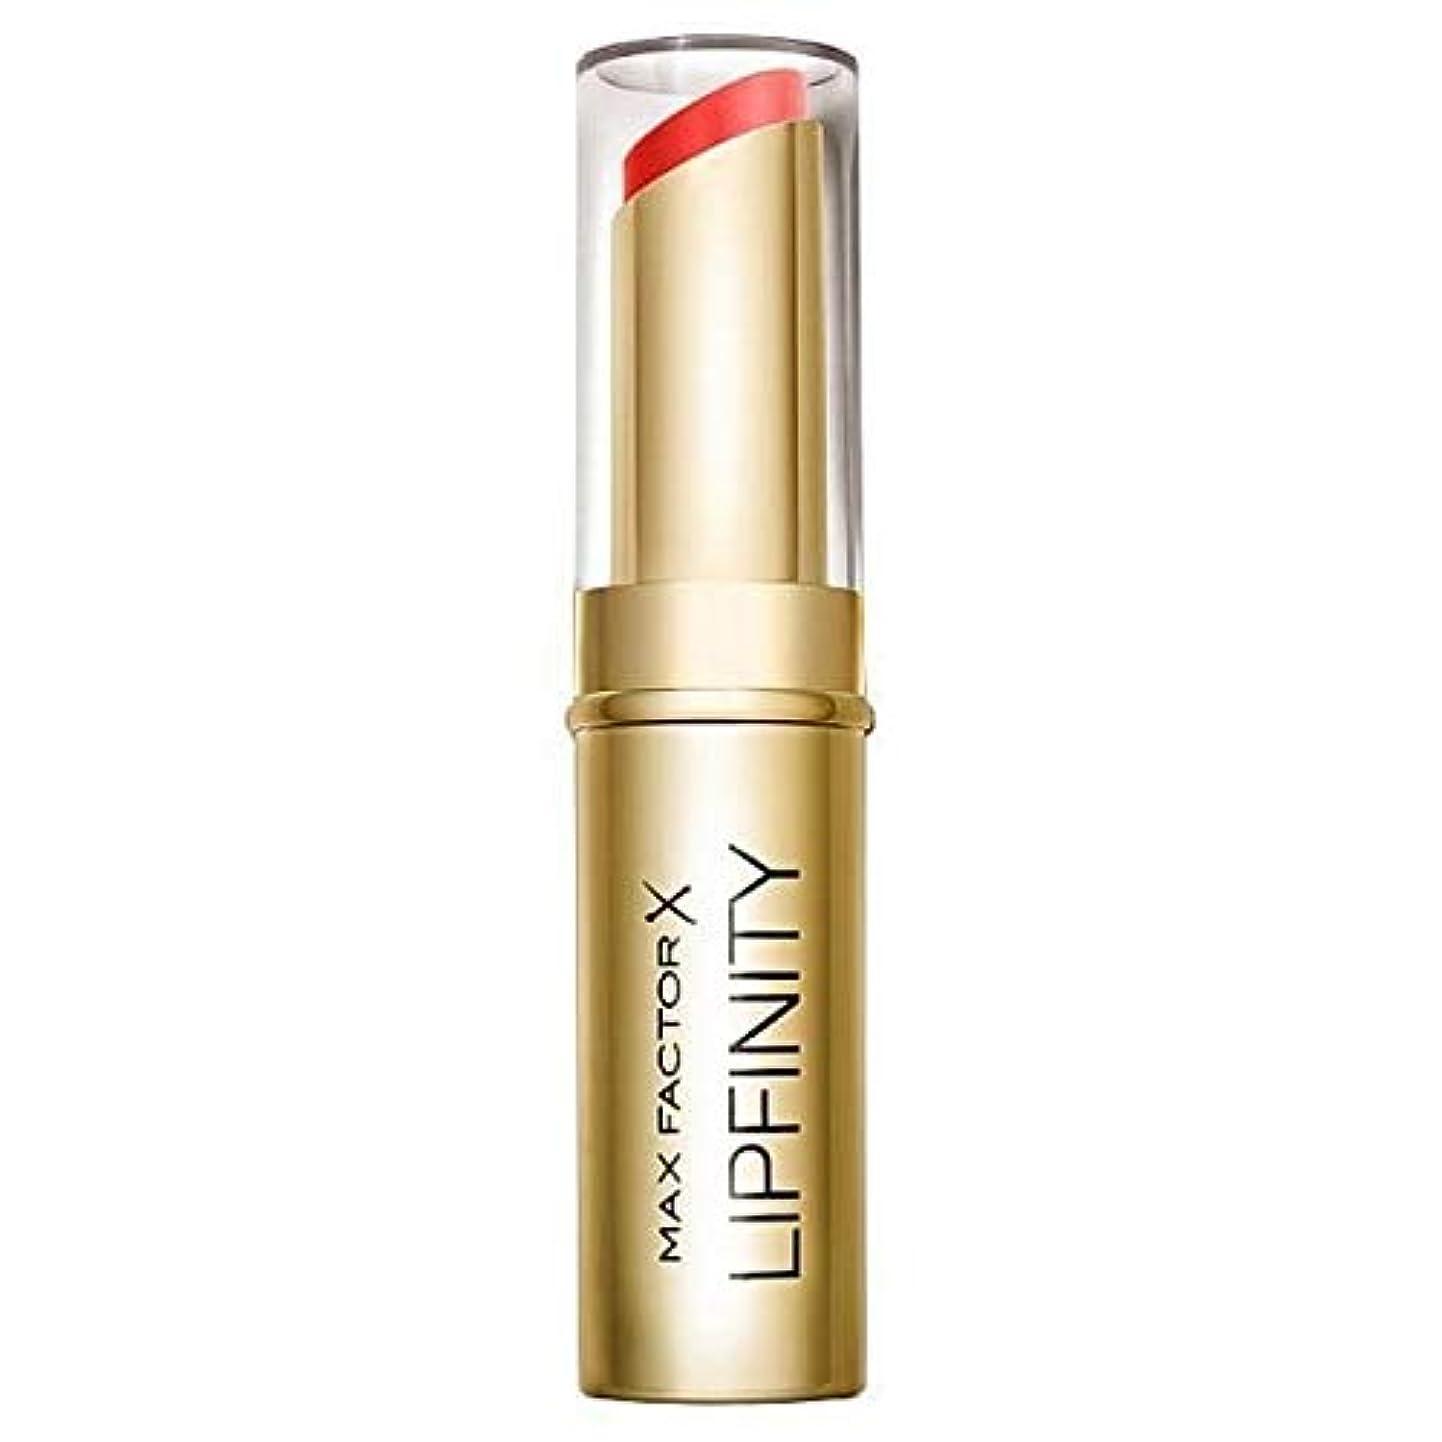 スタジオ天文学安息[Max Factor ] 長い口紅だけの豪華持続マックスファクターLipfinity - Max Factor Lipfinity Long Lasting Lipstick Just Deluxe [並行輸入品]